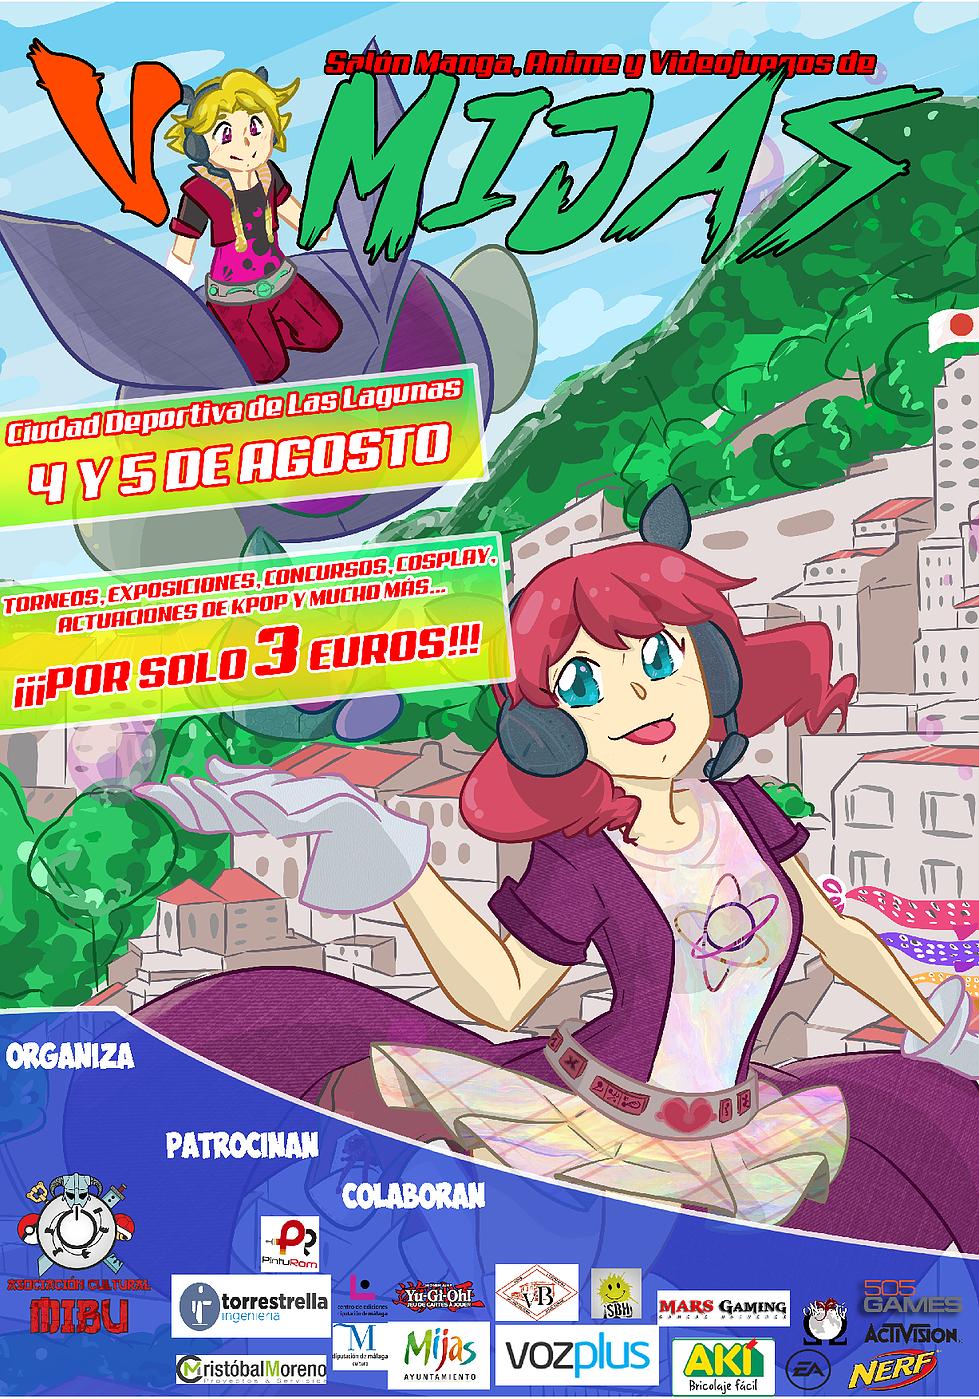 Salón Manga, Anime y Videojuegos de Mijas